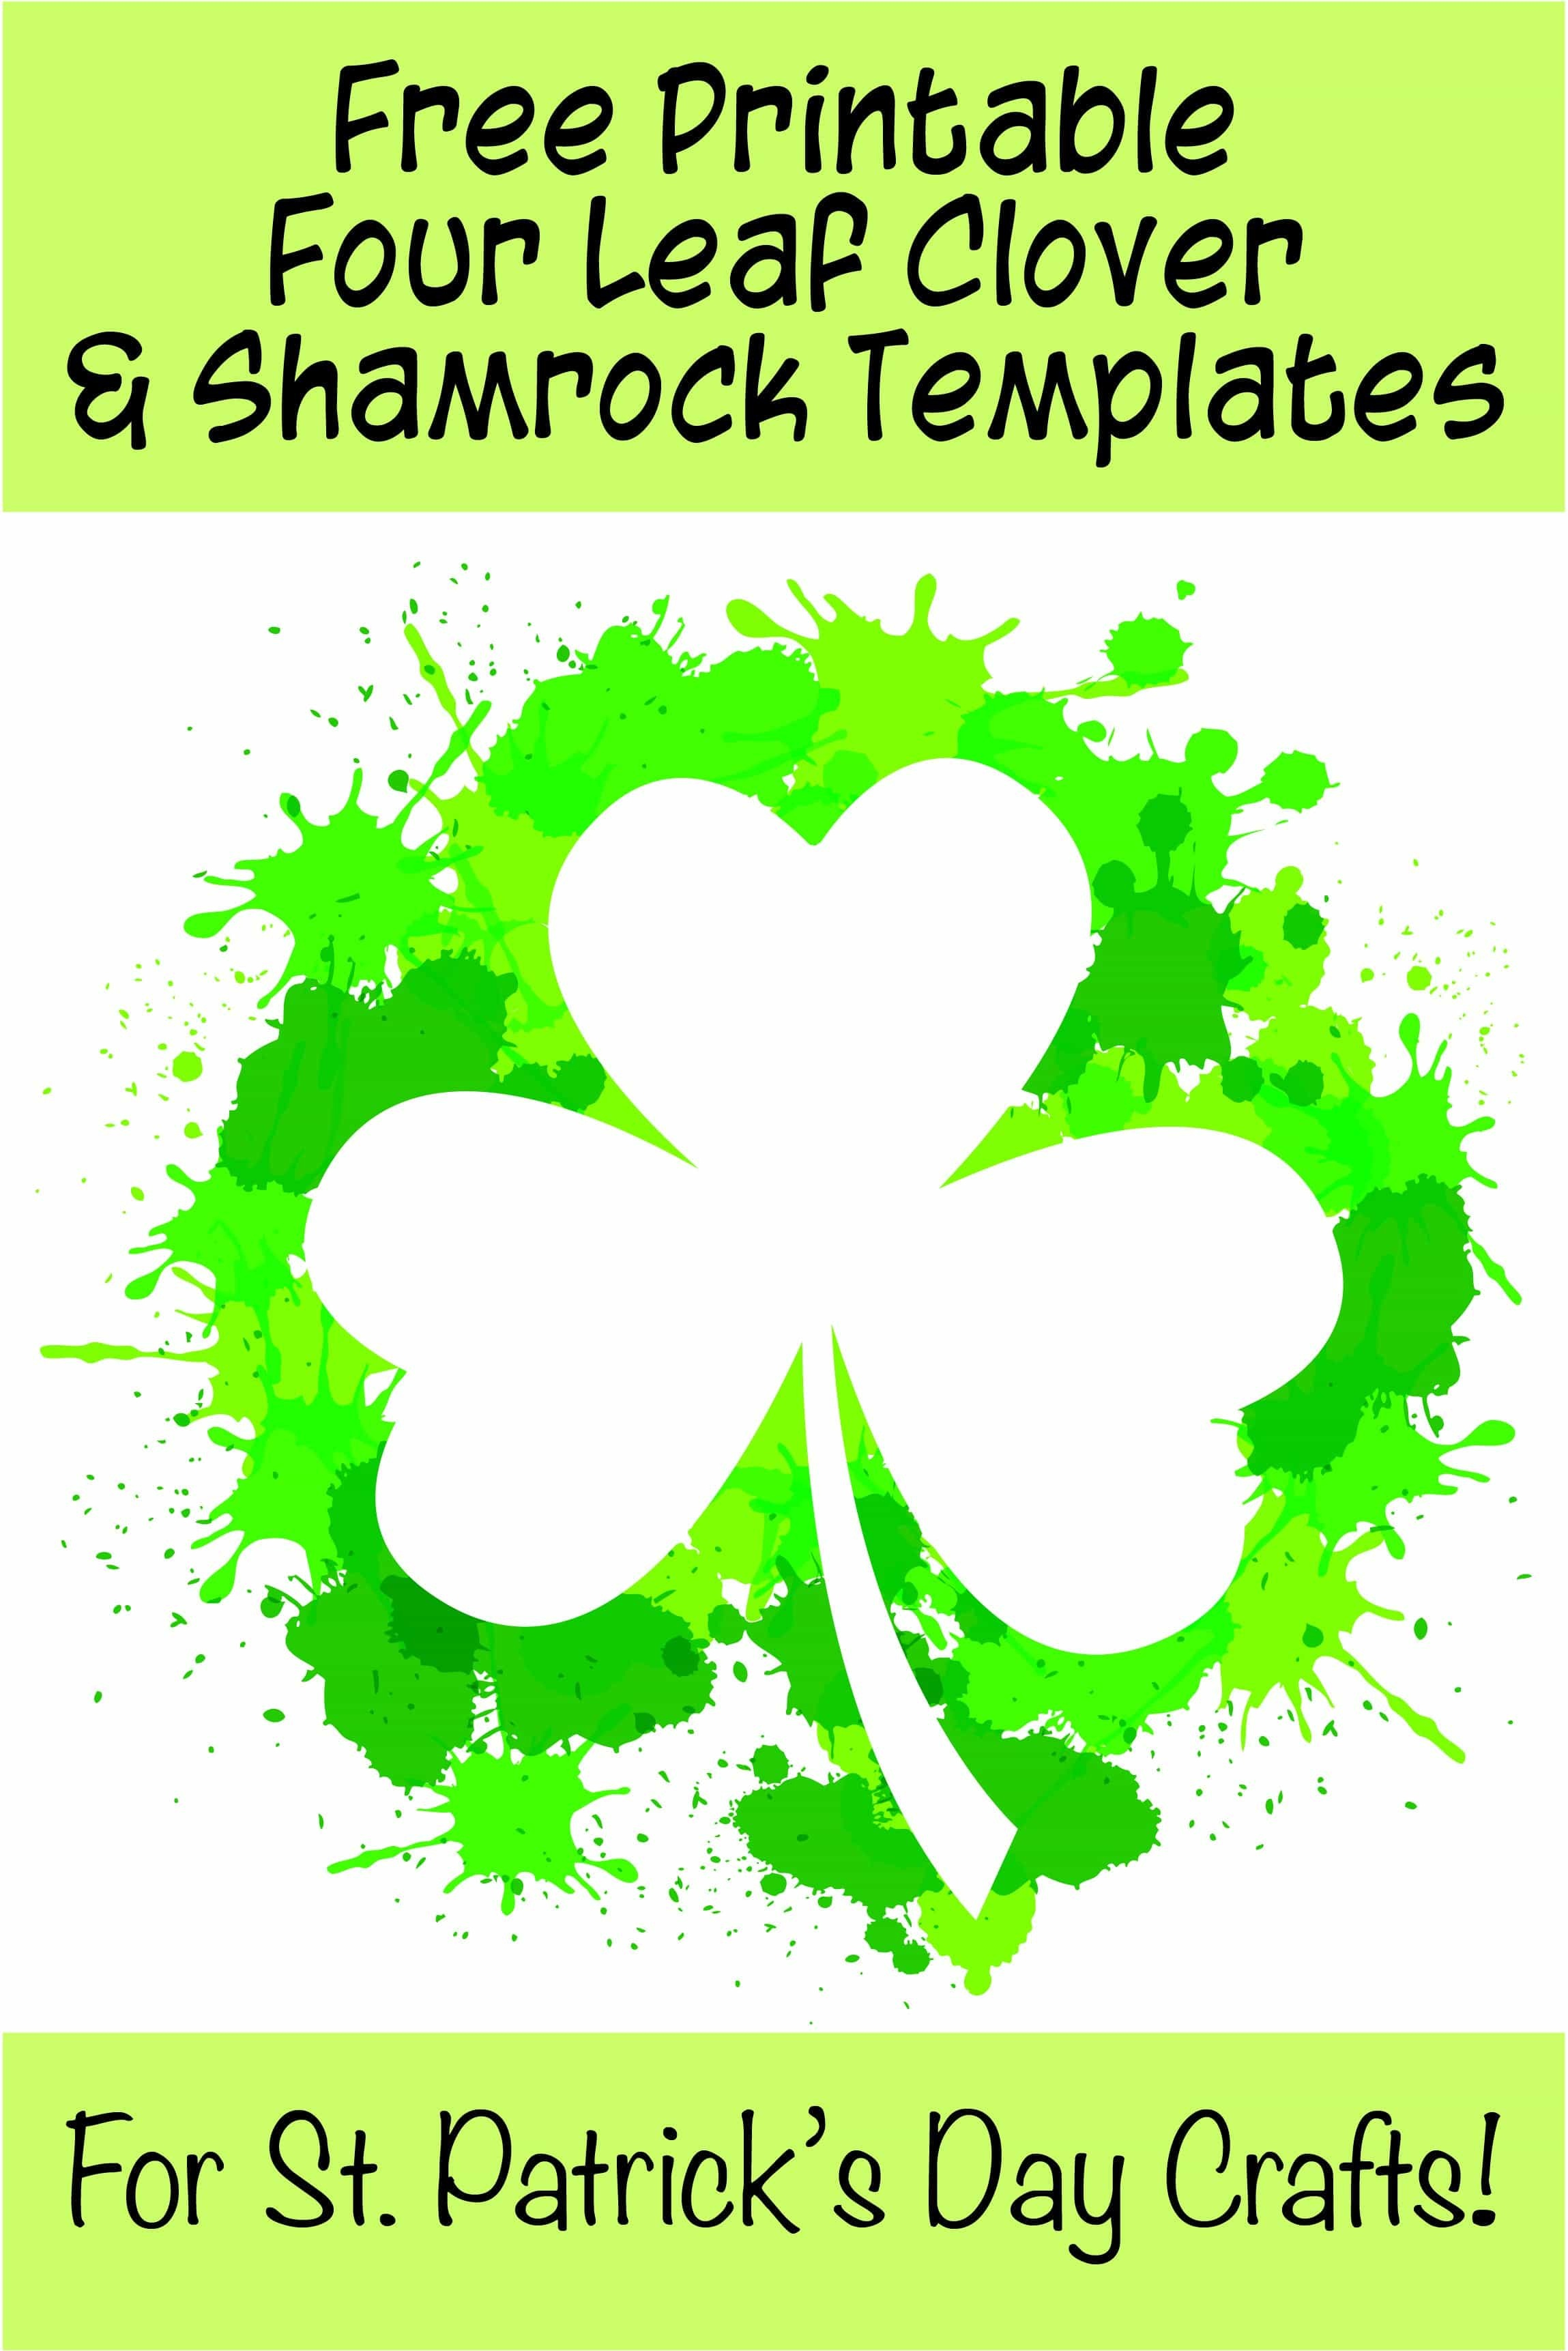 17+ Free Printable Four Leaf Clover & Shamrock Templates - The - Free Printable Shamrock Cutouts